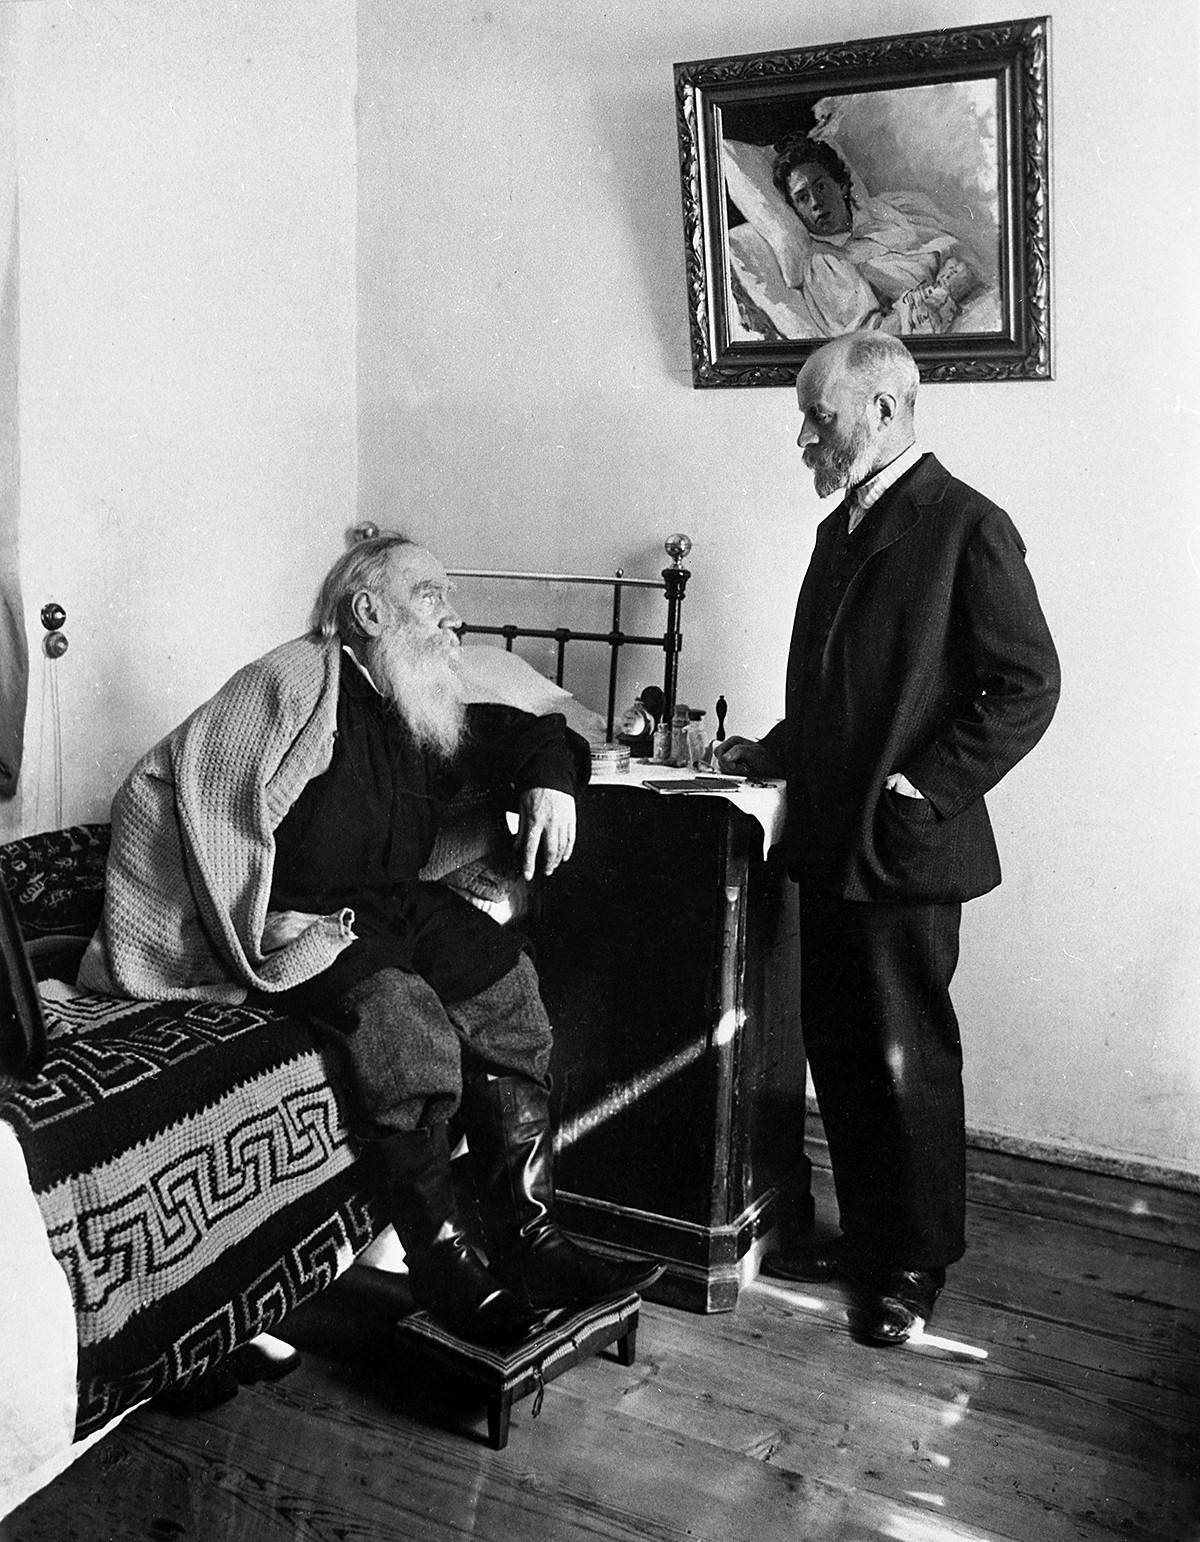 レフ・トルストイとホームドクター、ドゥシャン・マコヴィツキー、ヤースナヤ・ポリャーナ、1909年